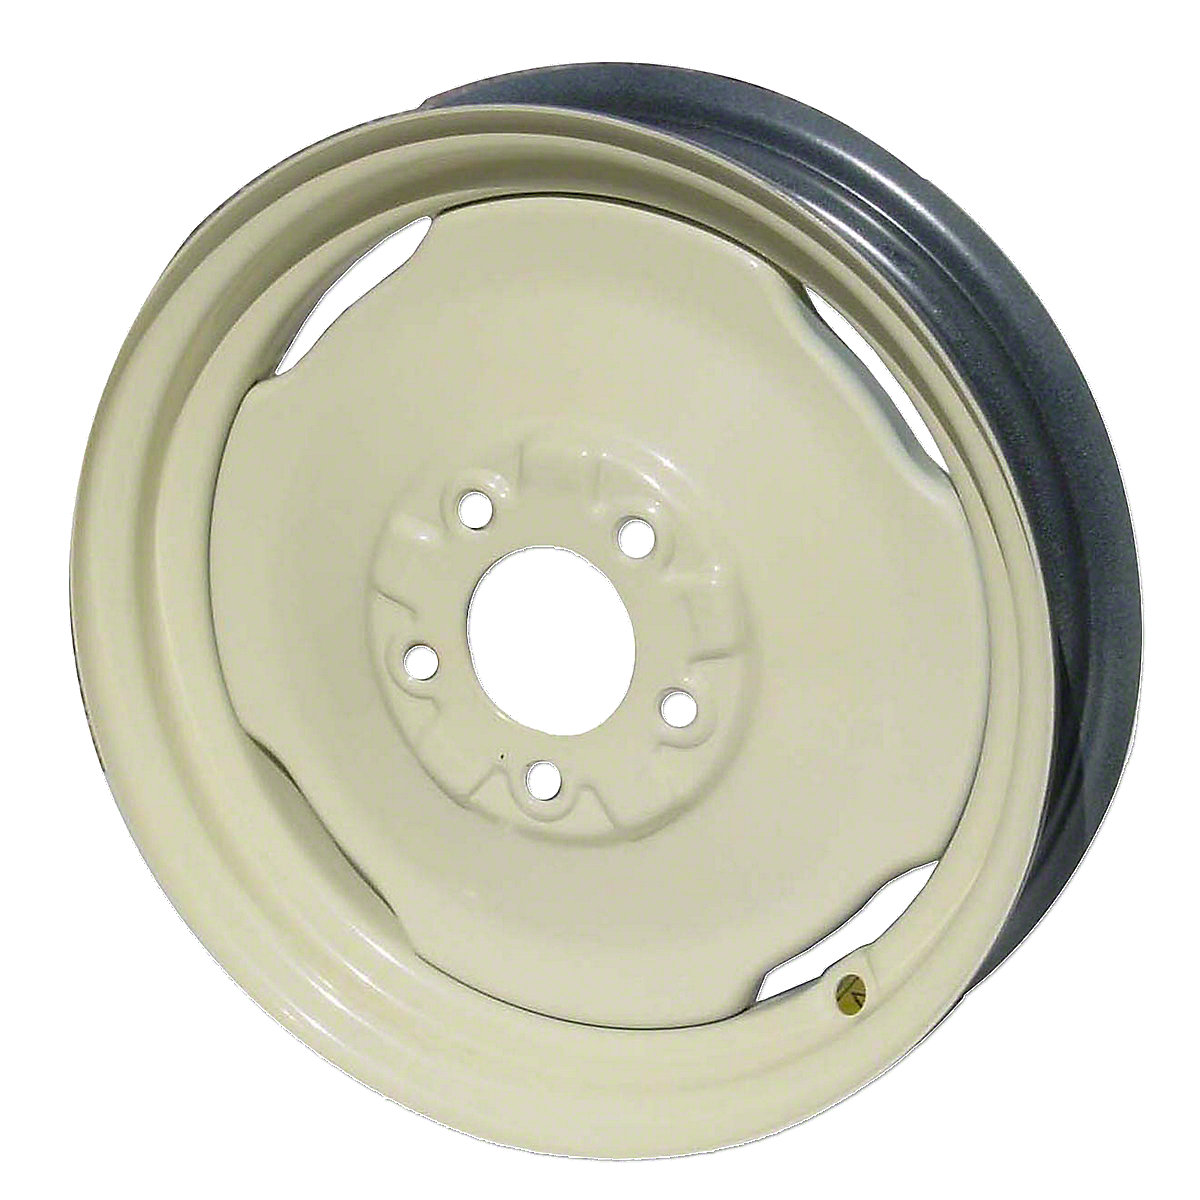 Tractor Wheel Bolt Patterns : Lug front wheel for oliver